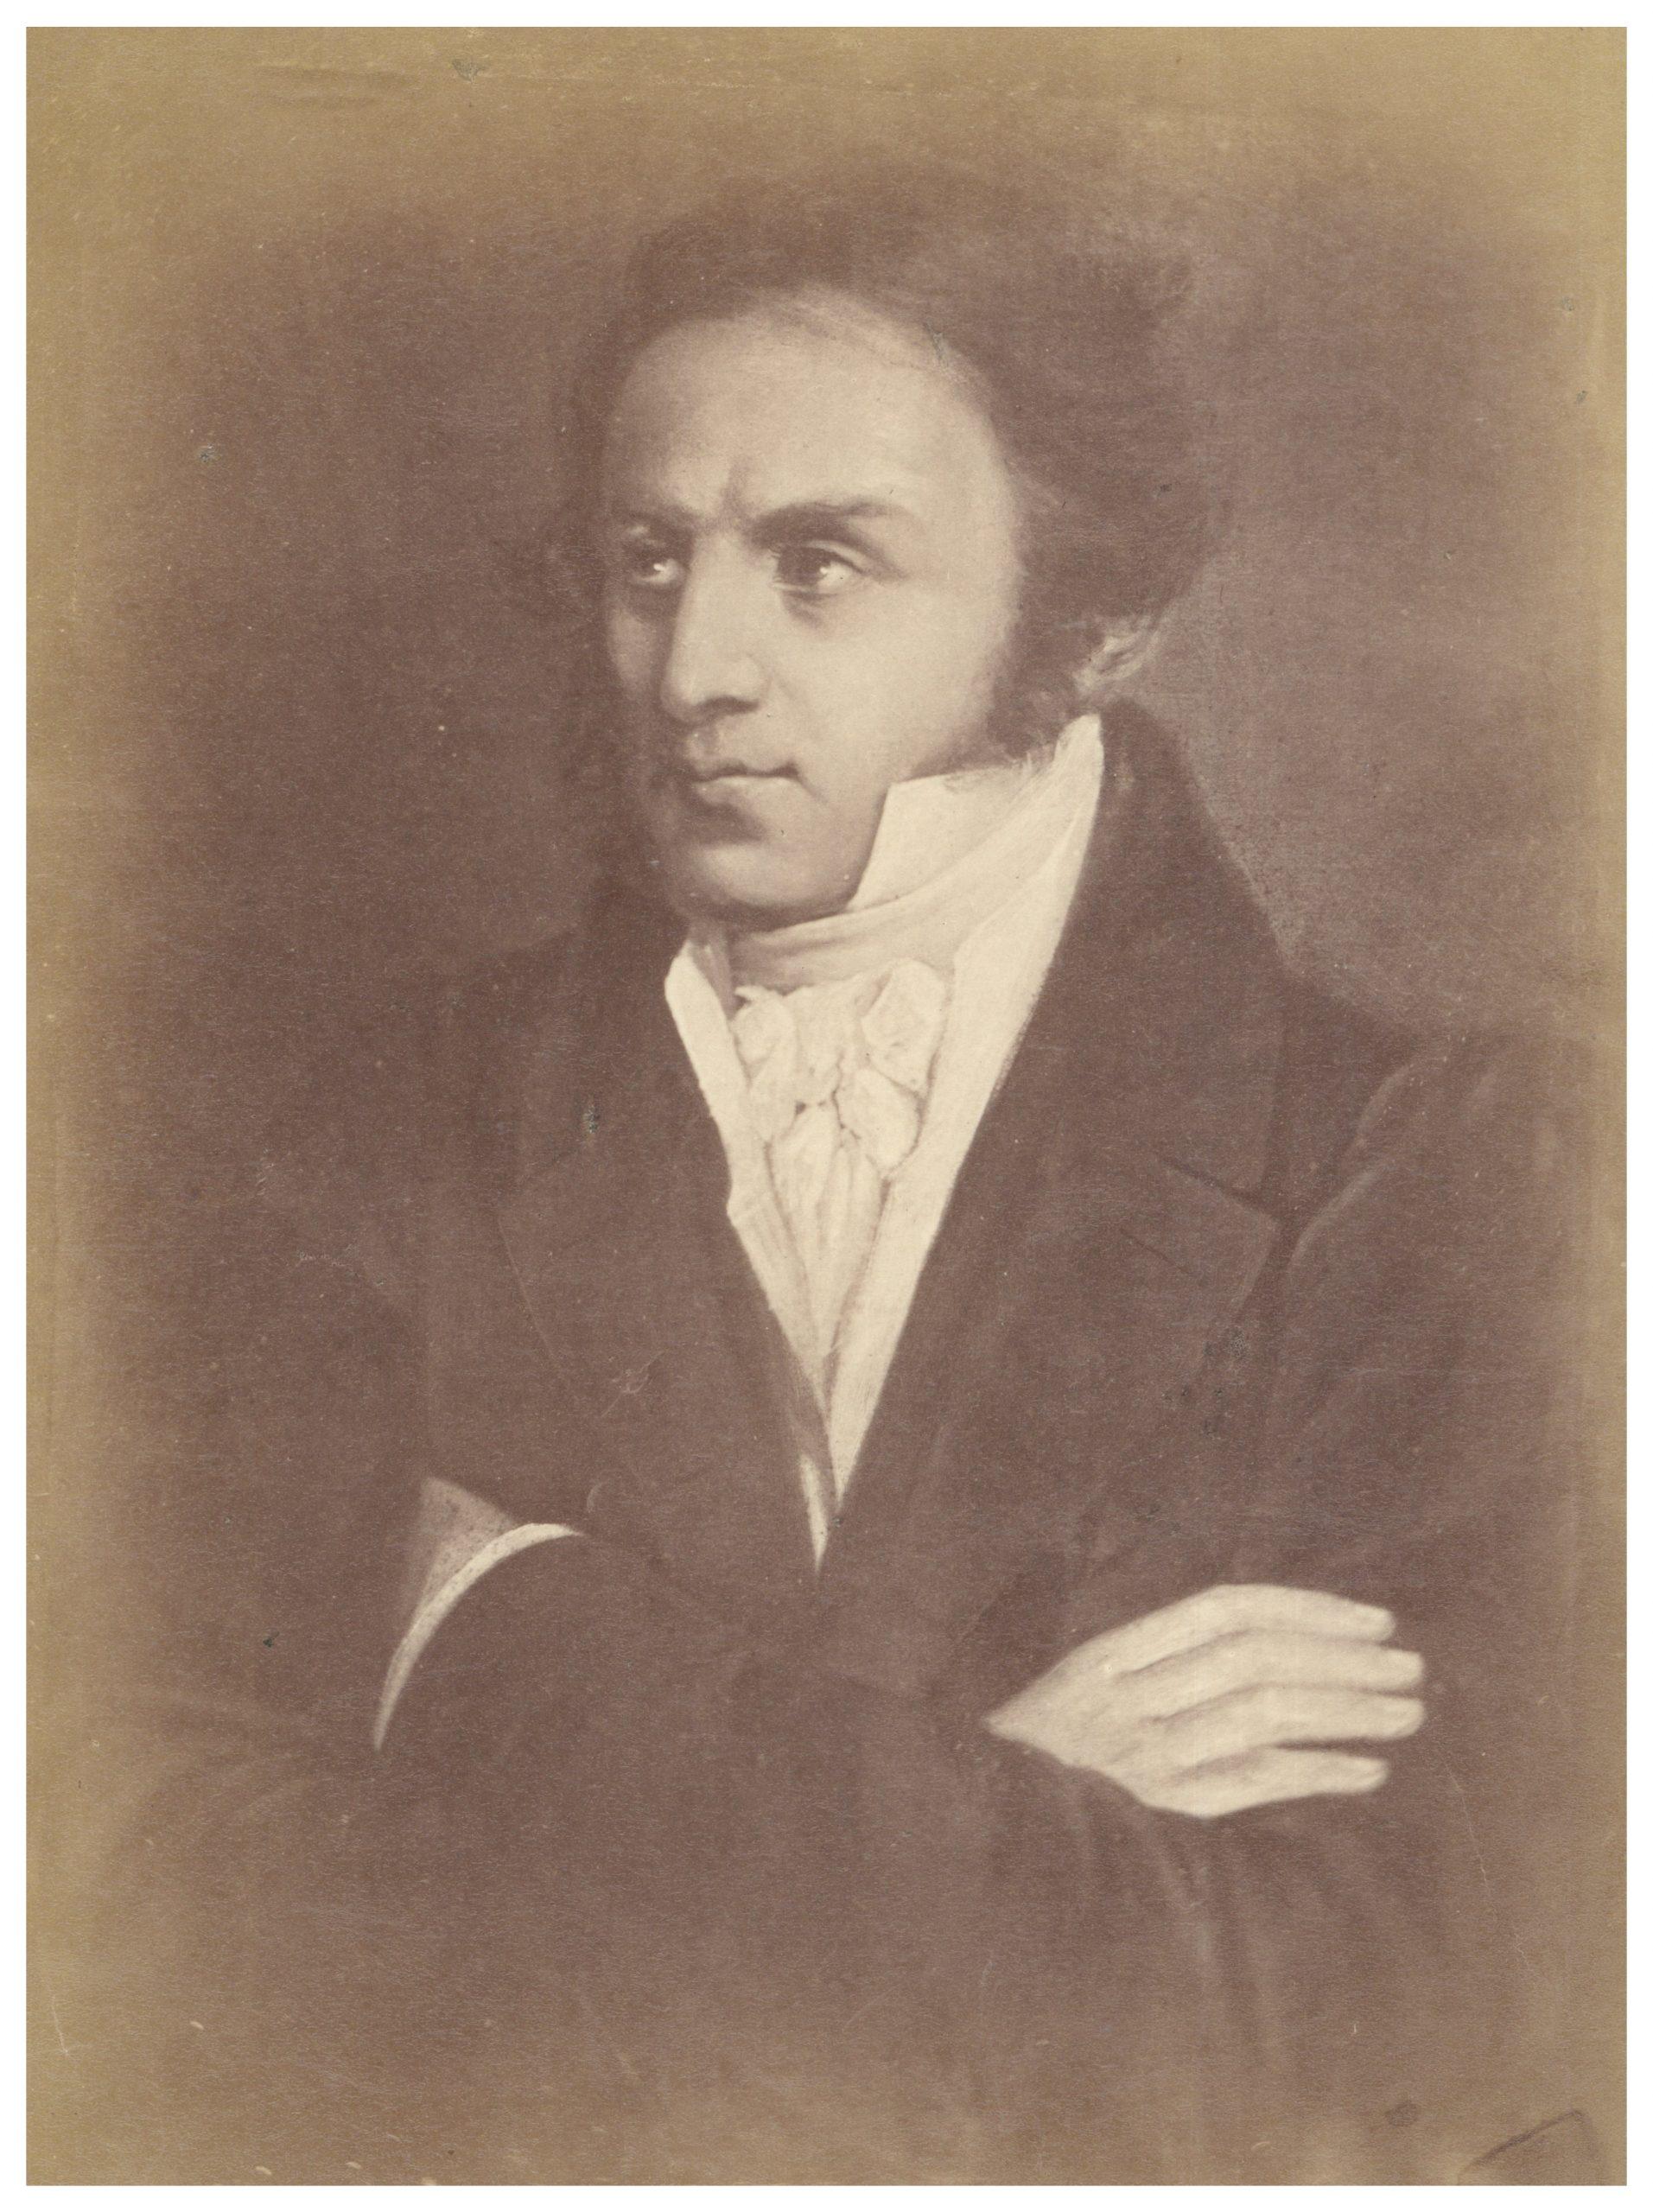 Portret Kazimierza Brodzińskiego autorstwa Aleksandra Józefa Sleńdzińskiego